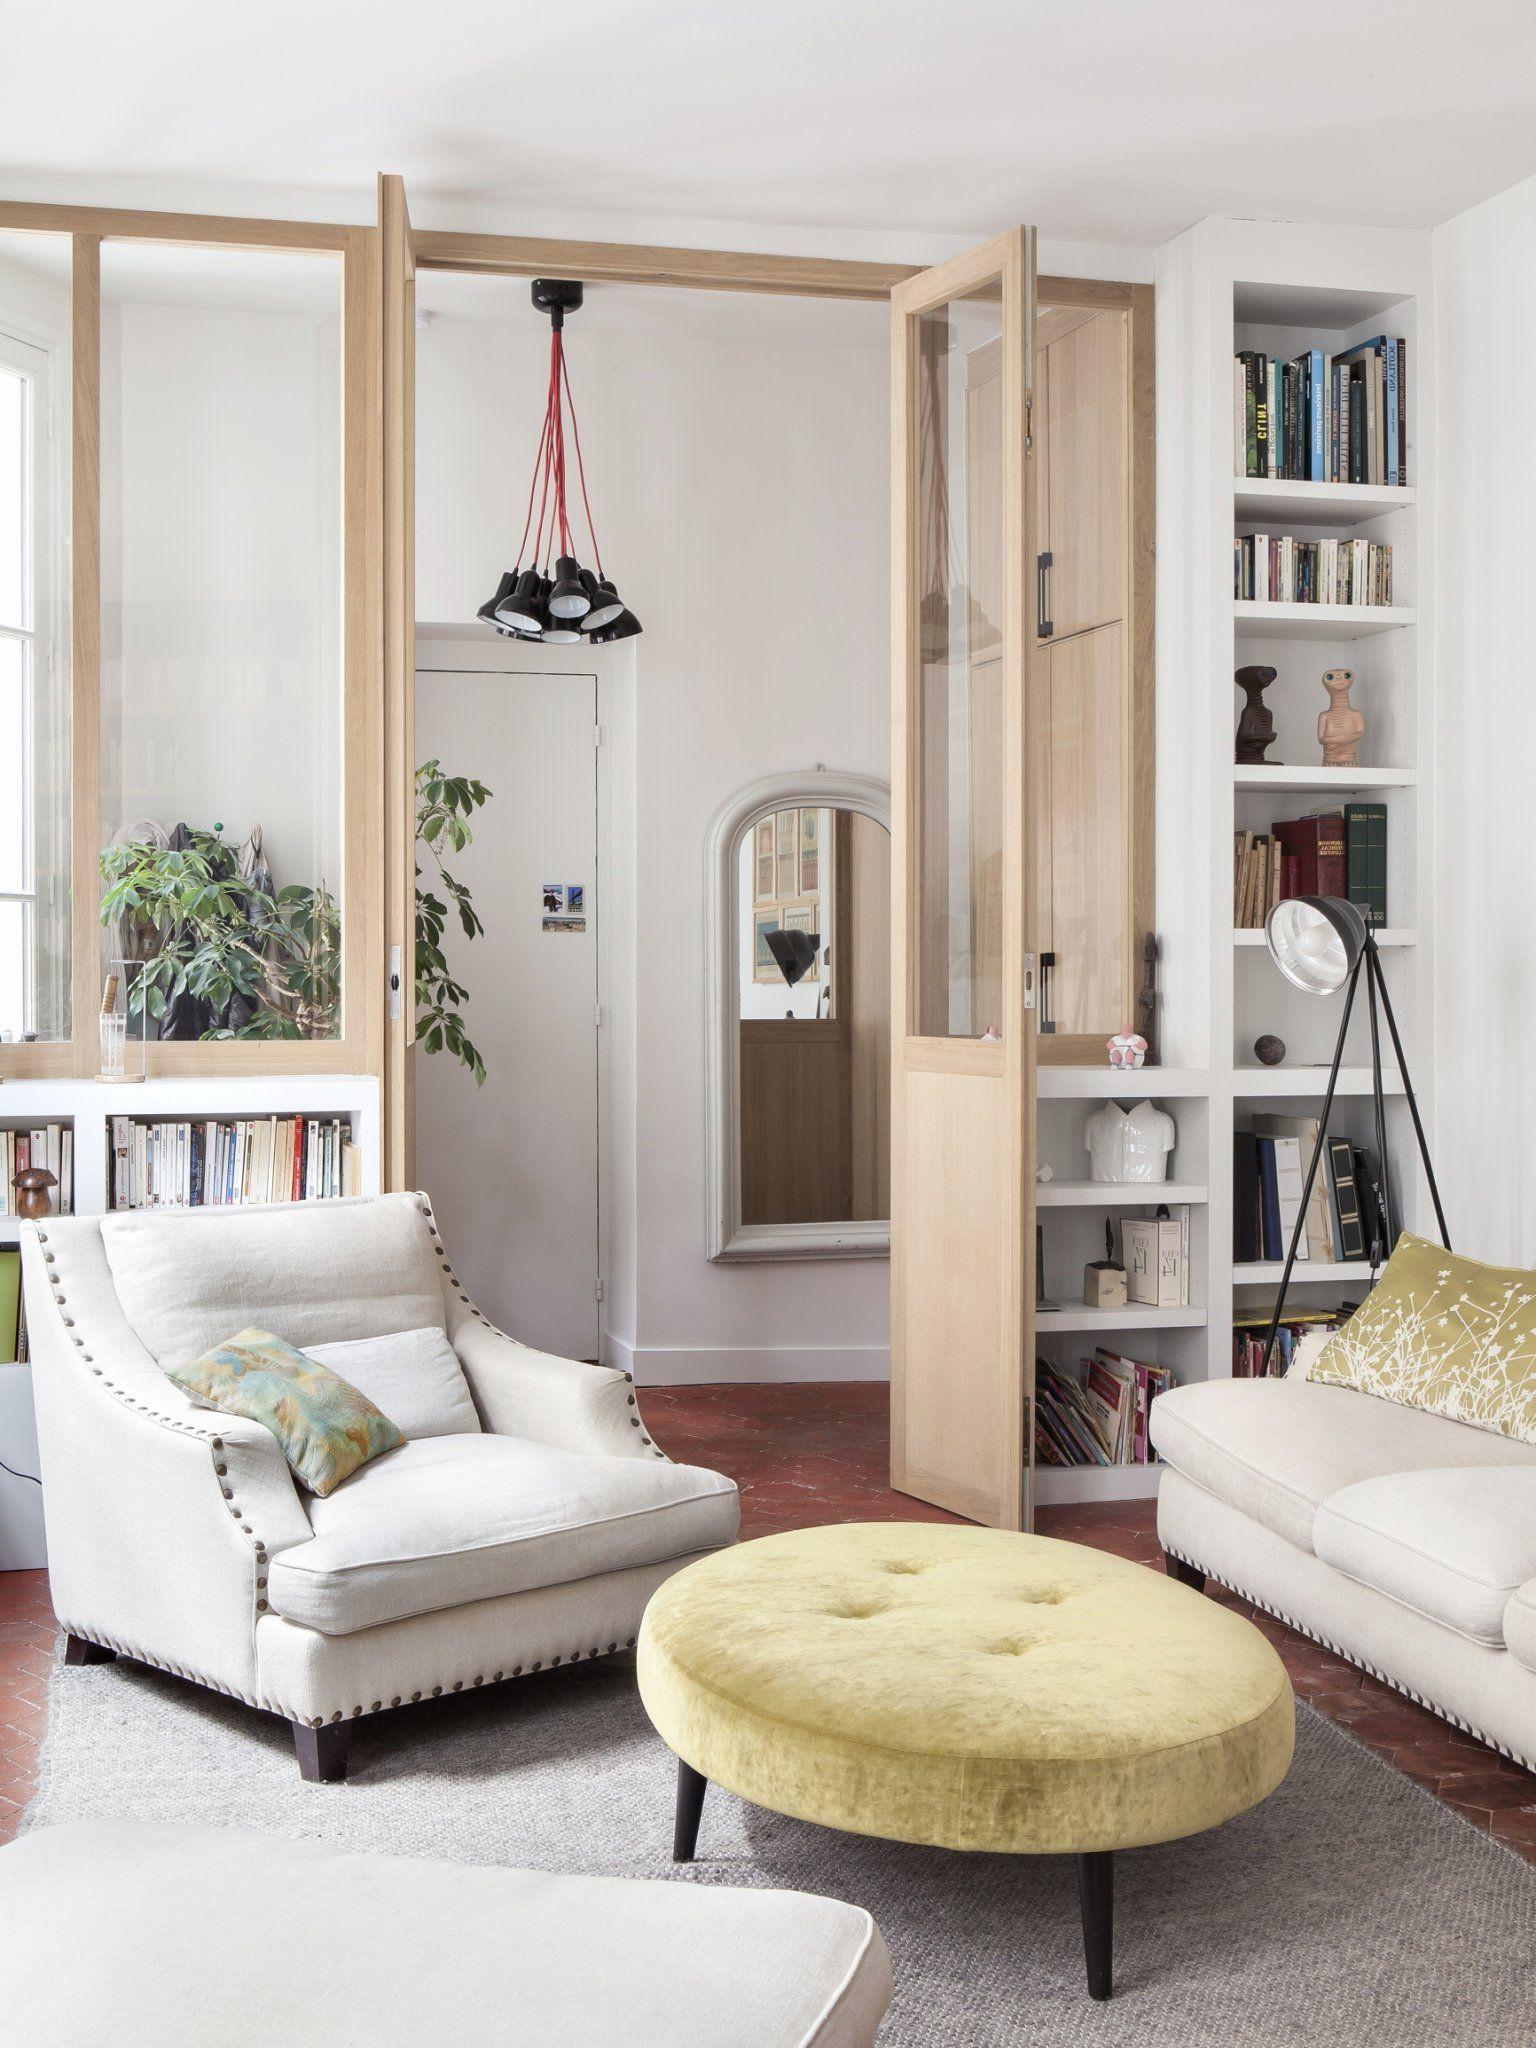 Muebles nordicos Modernos S5d8 Muebles nordicos Modernos Por Encantador Reforma Apartamento Paris